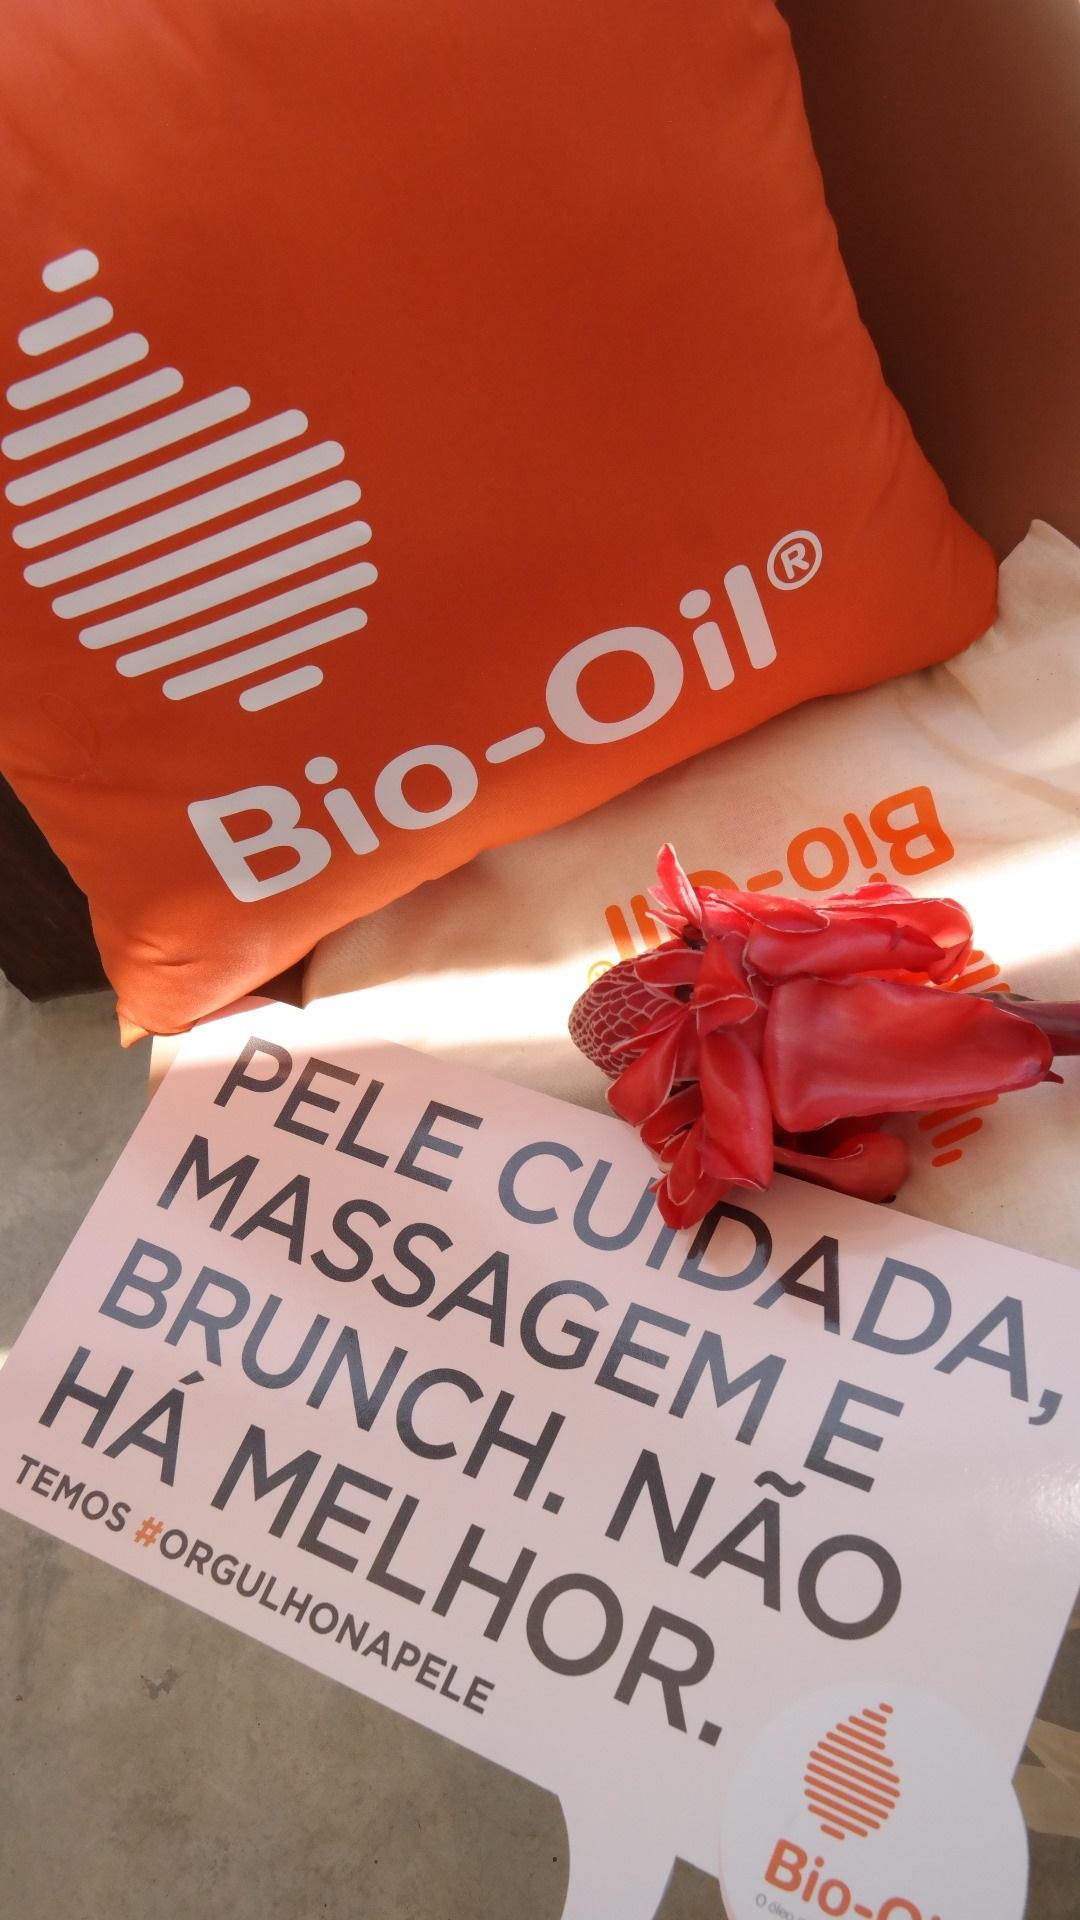 Perrigo lança Bio-Oil em Angola